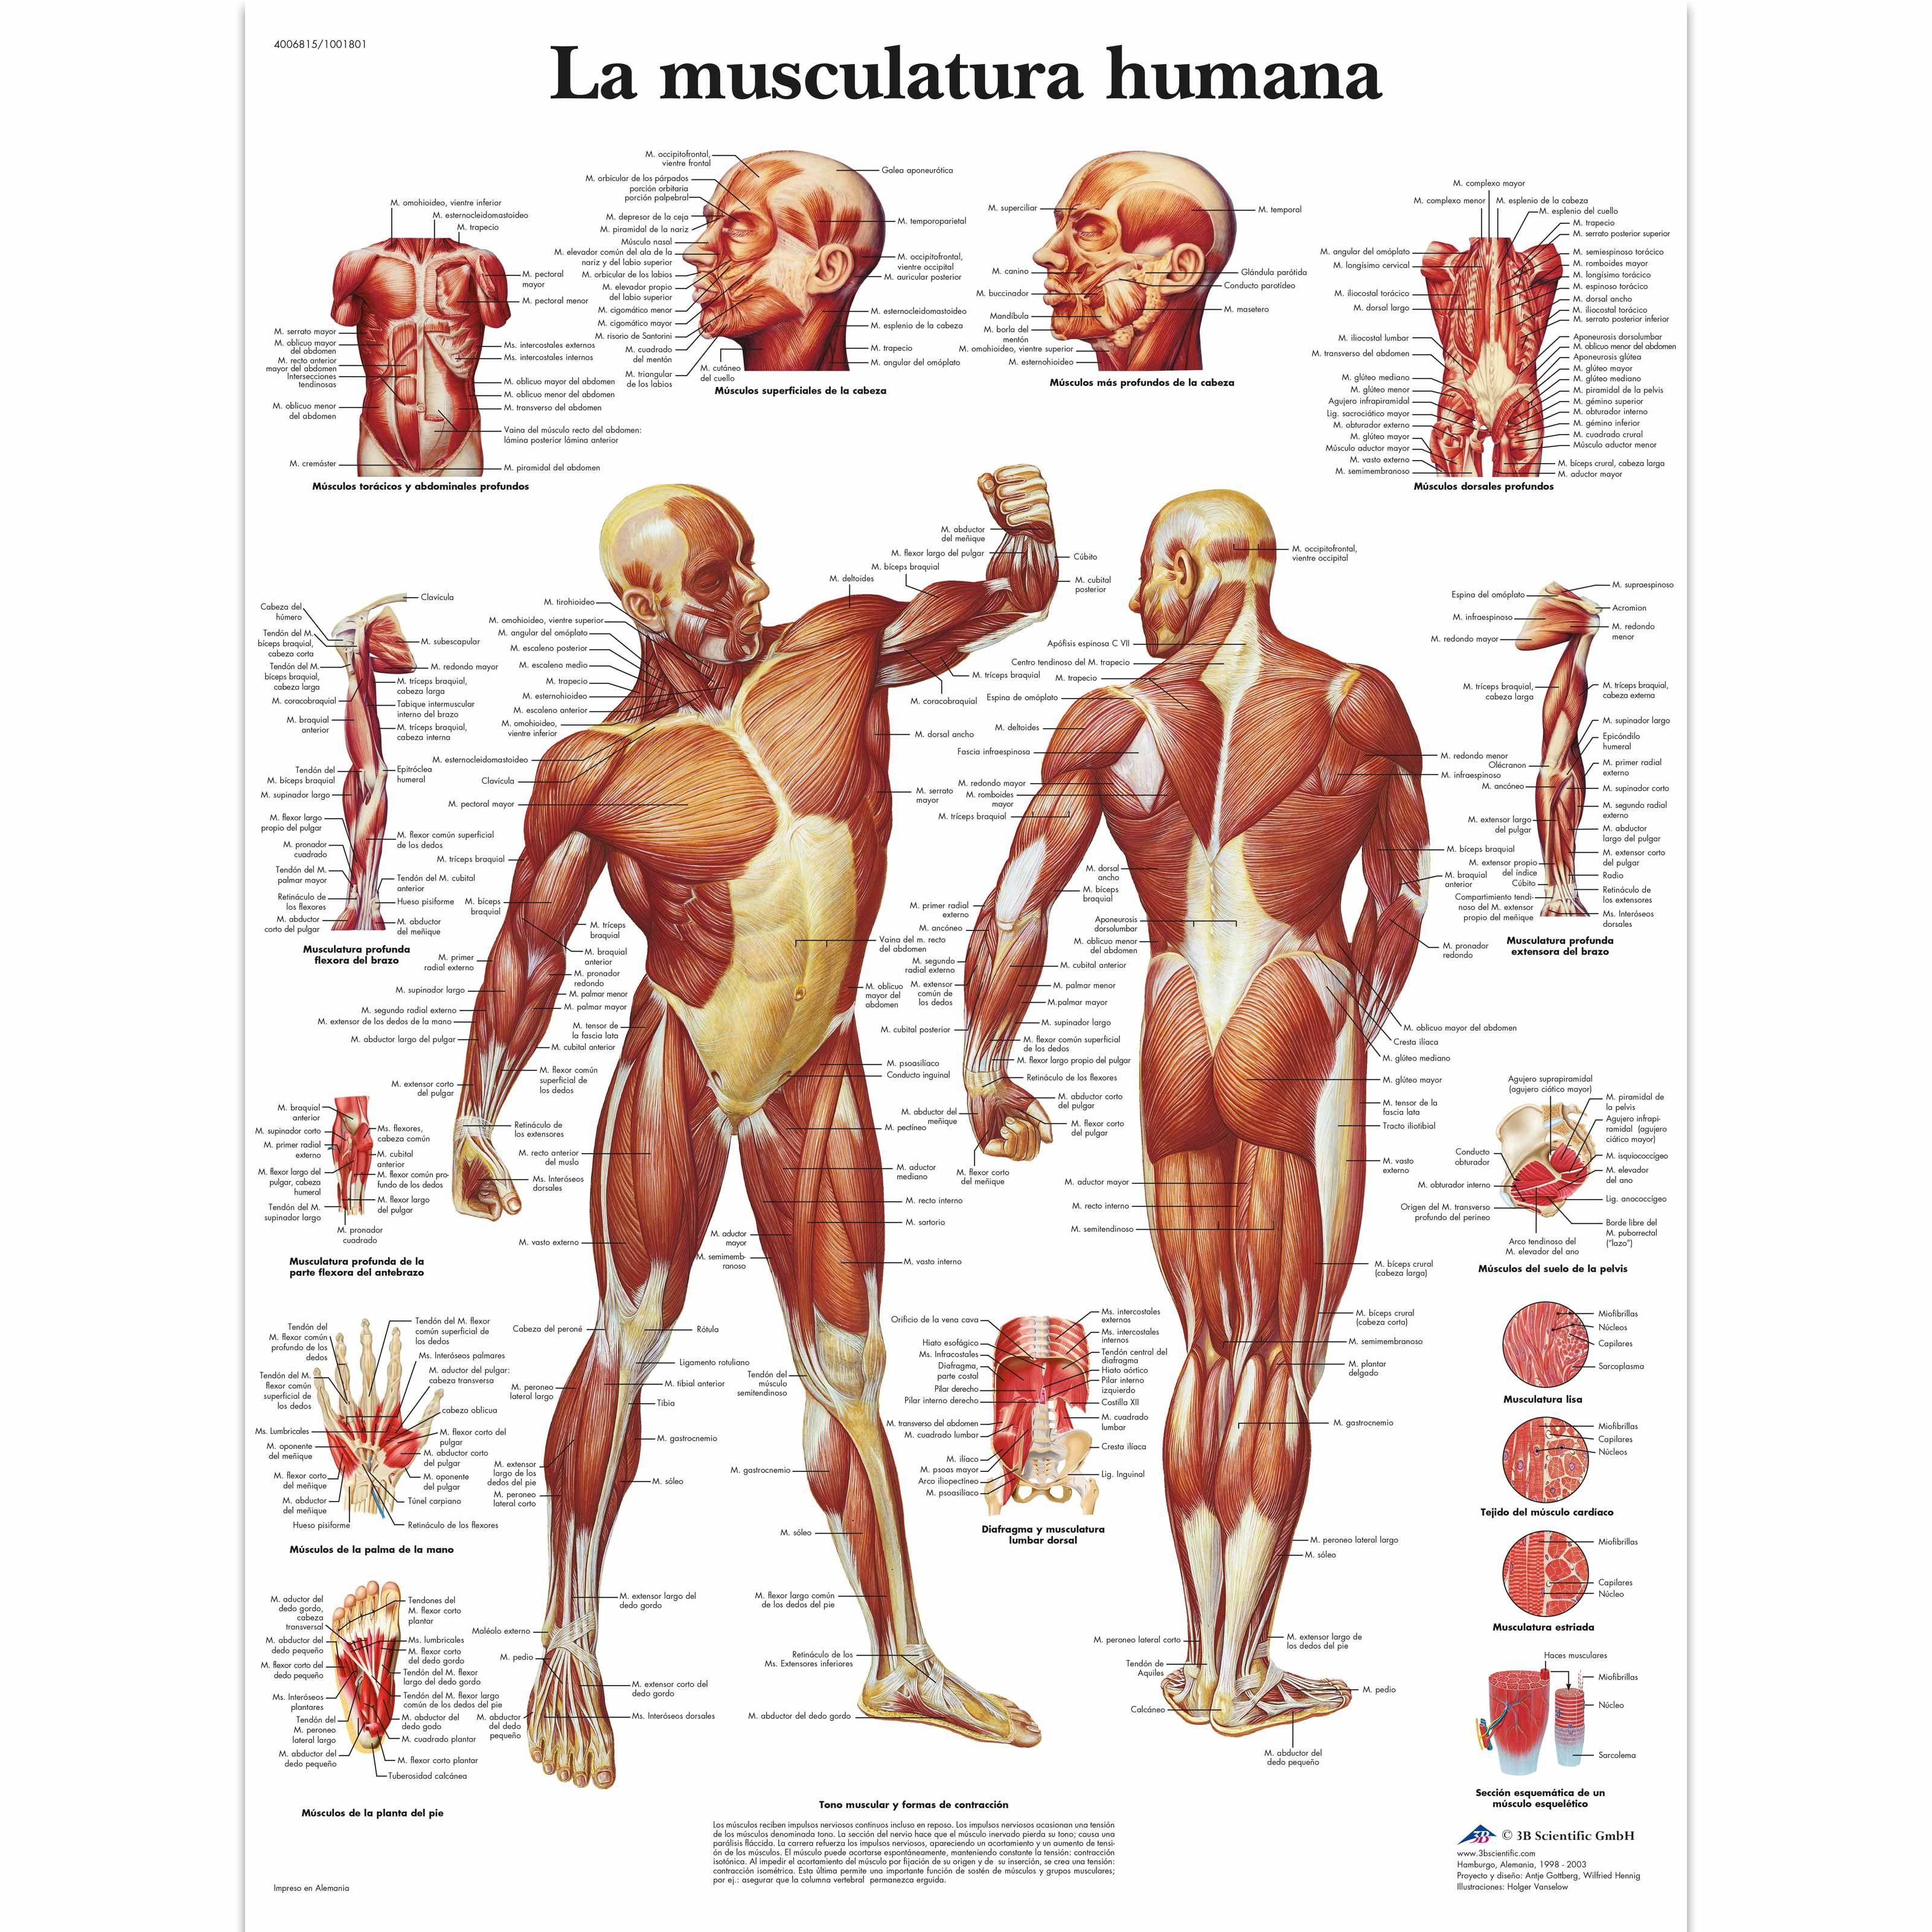 La Musculatura Humana 4006815 Vr3118uu Músculo Anatomía Del Esqueleto Humano Anatomía Del Esqueleto Anatomia Humana Musculos